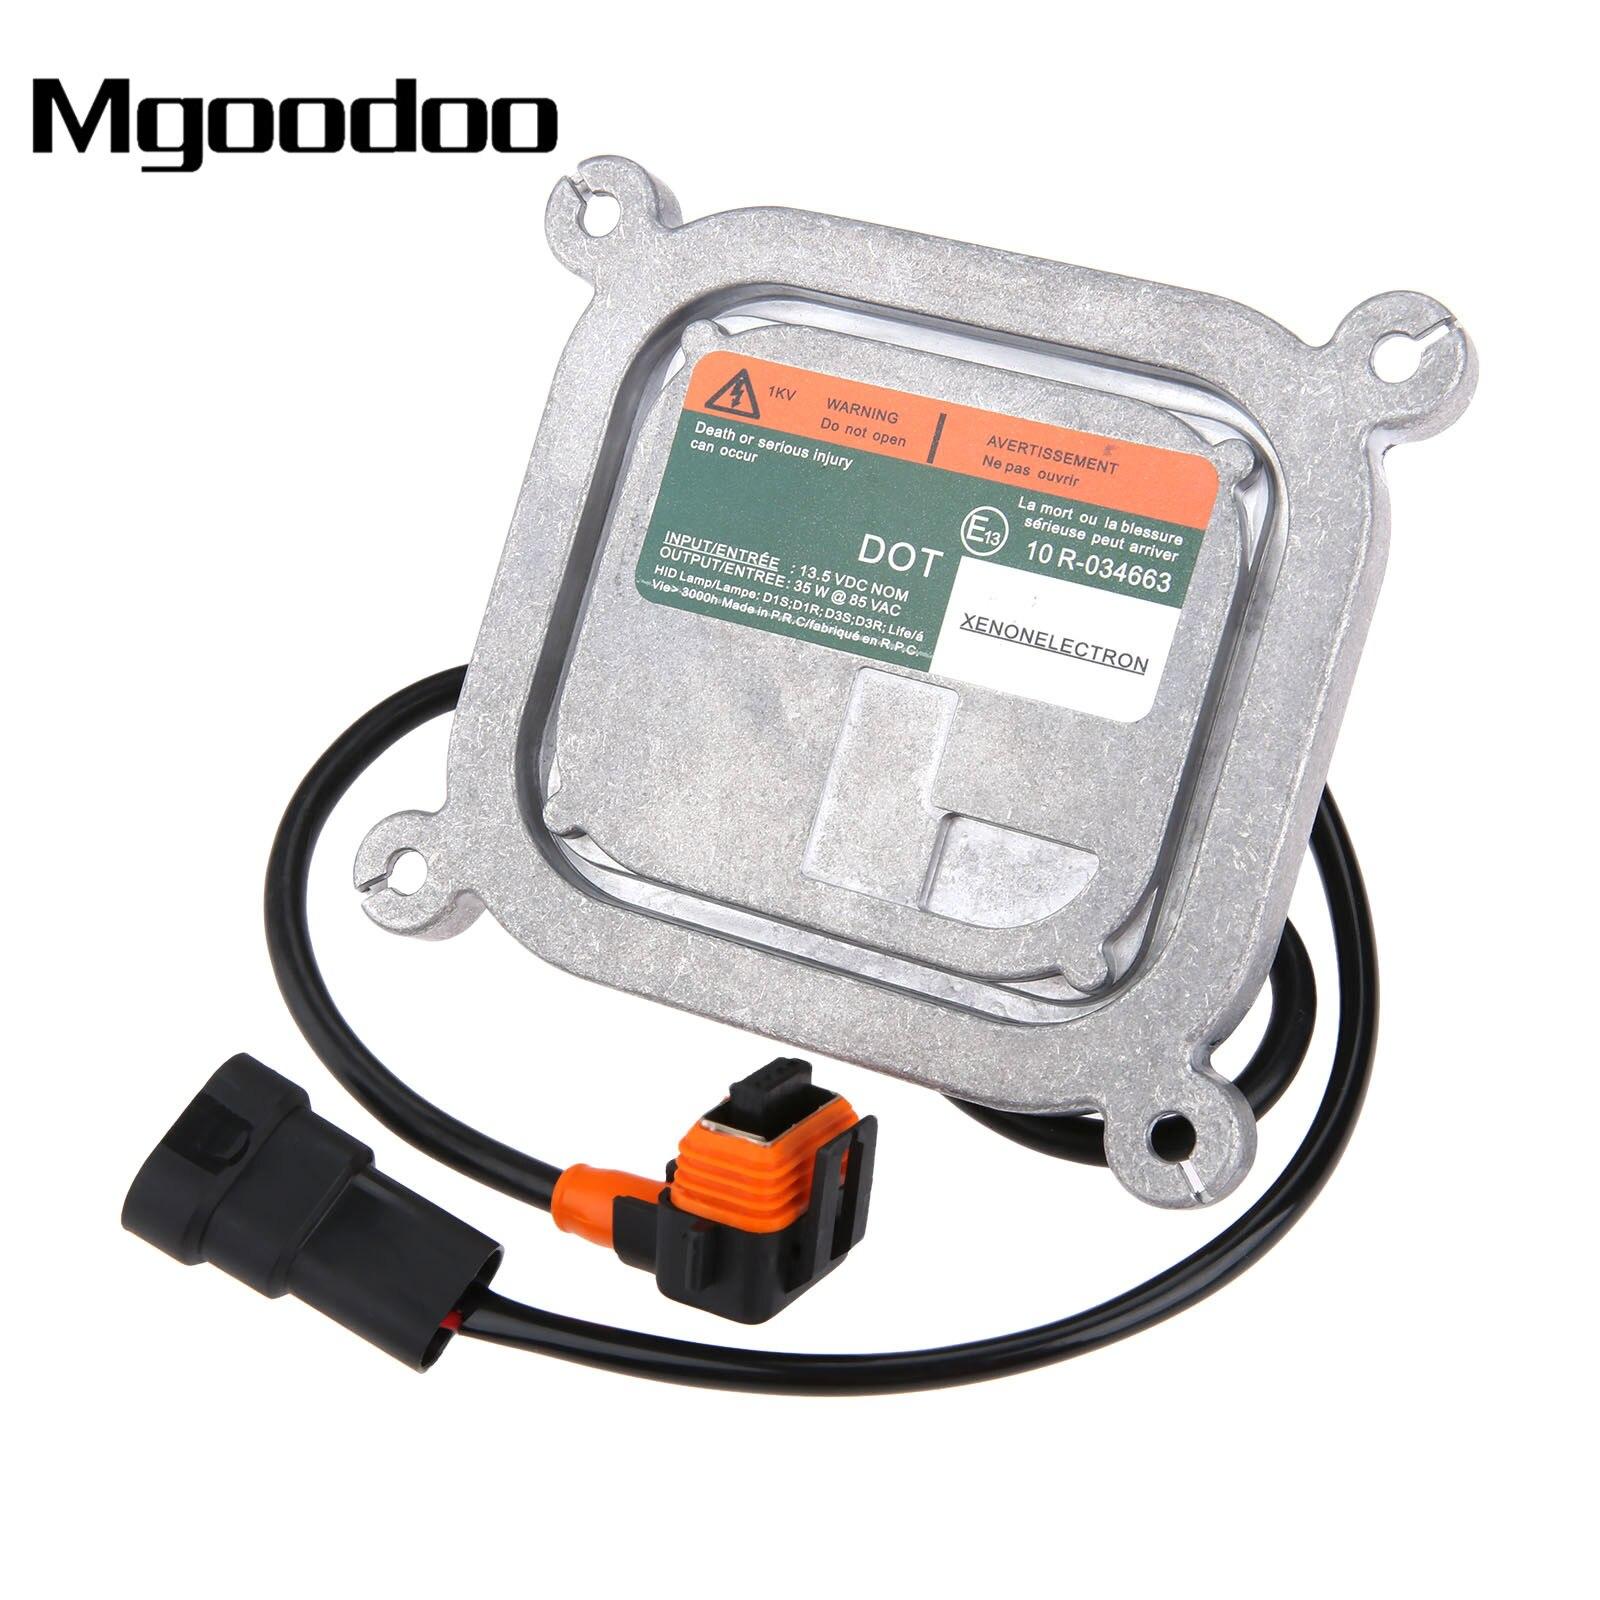 85 ford mustang headlights wiring mgoodoo xenon hid headlight ballast harness wiring 10r 034663  mgoodoo xenon hid headlight ballast